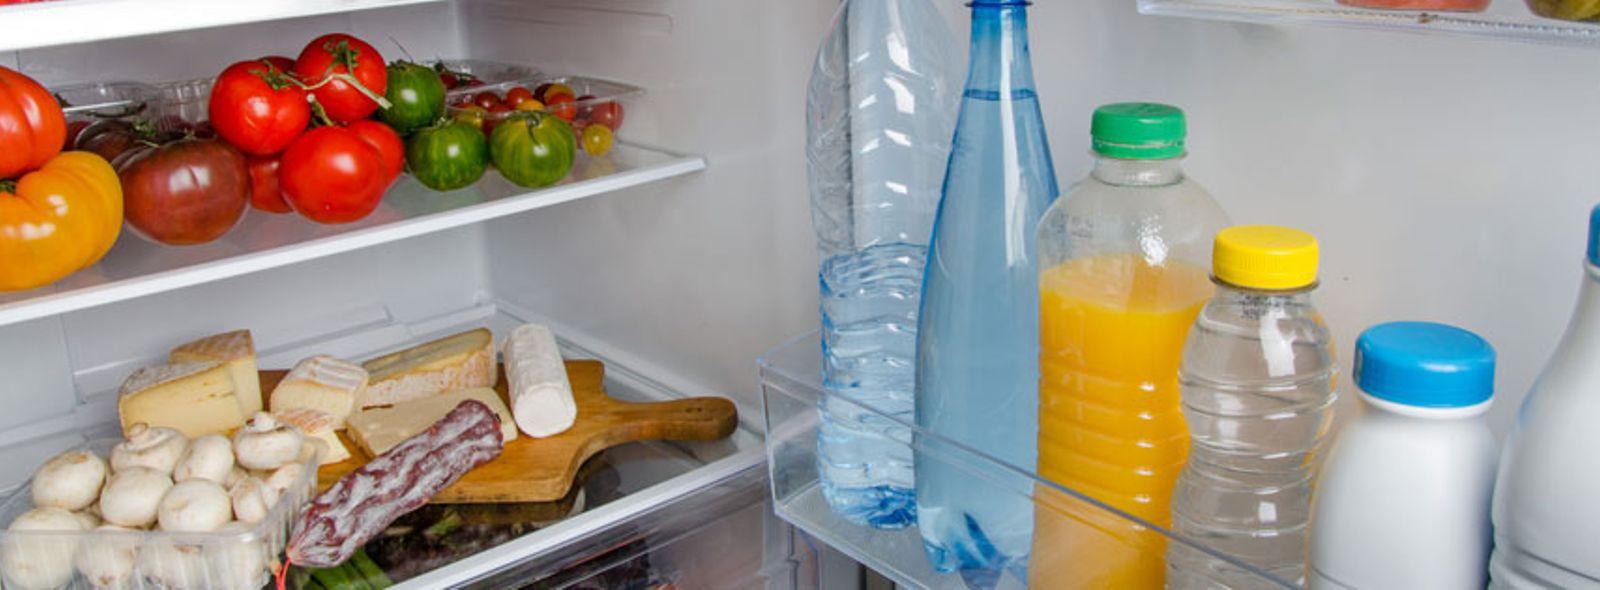 Consigli per cucinare senza sprechi